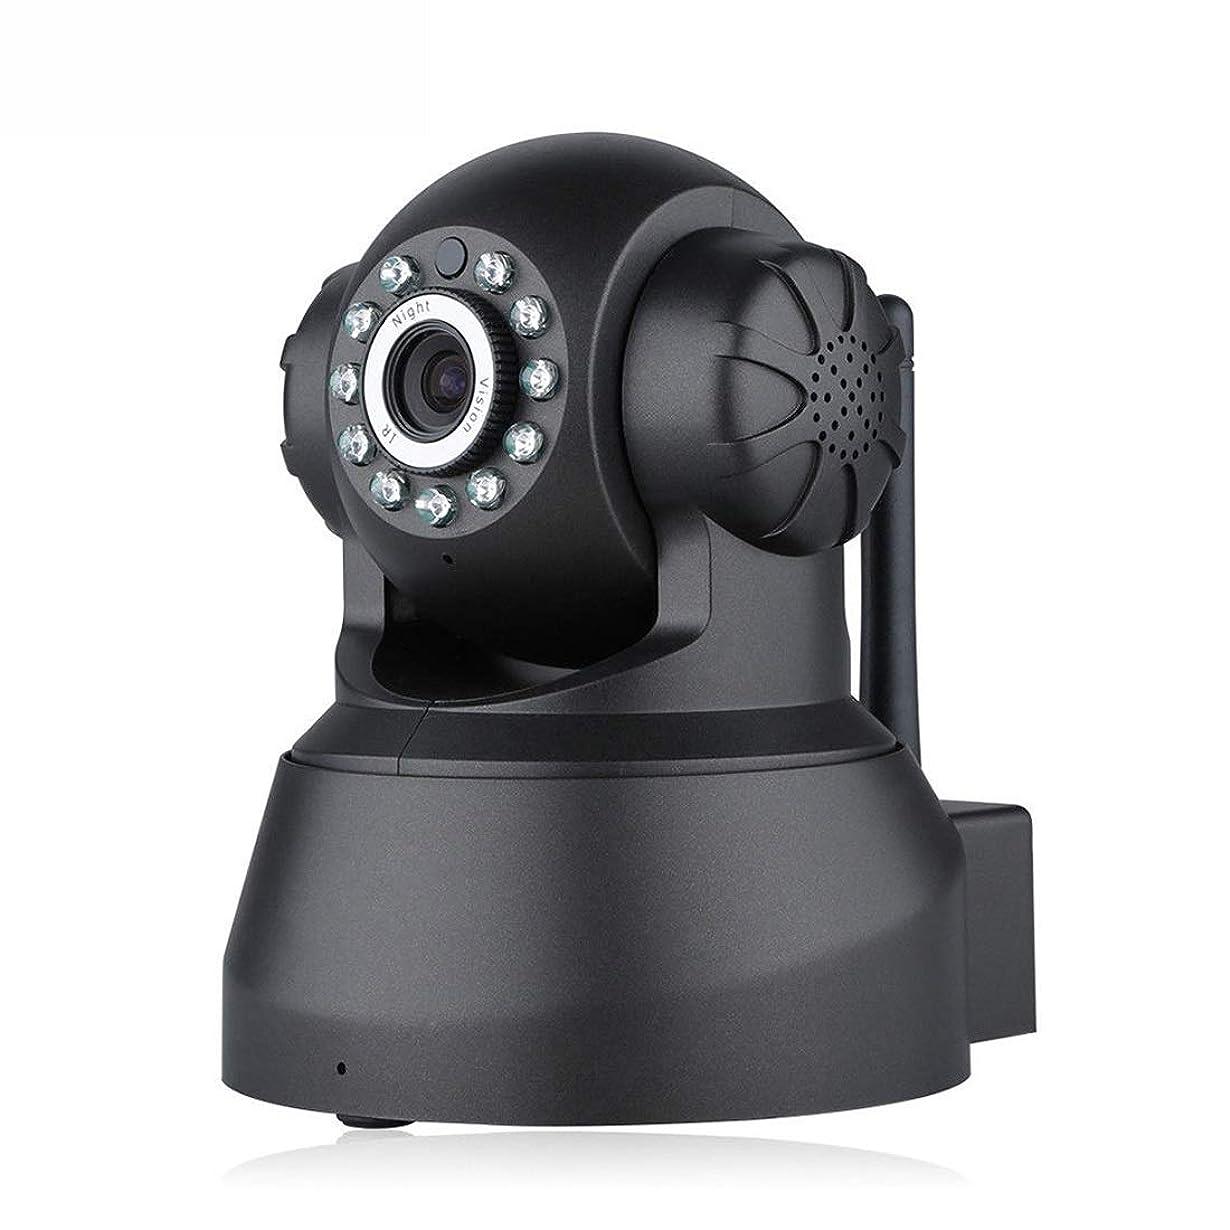 補足オアシス松ノウ建材貿易 スマートホーム720 P HD監視カメラワイヤレスネットワーク携帯電話監視カメラ